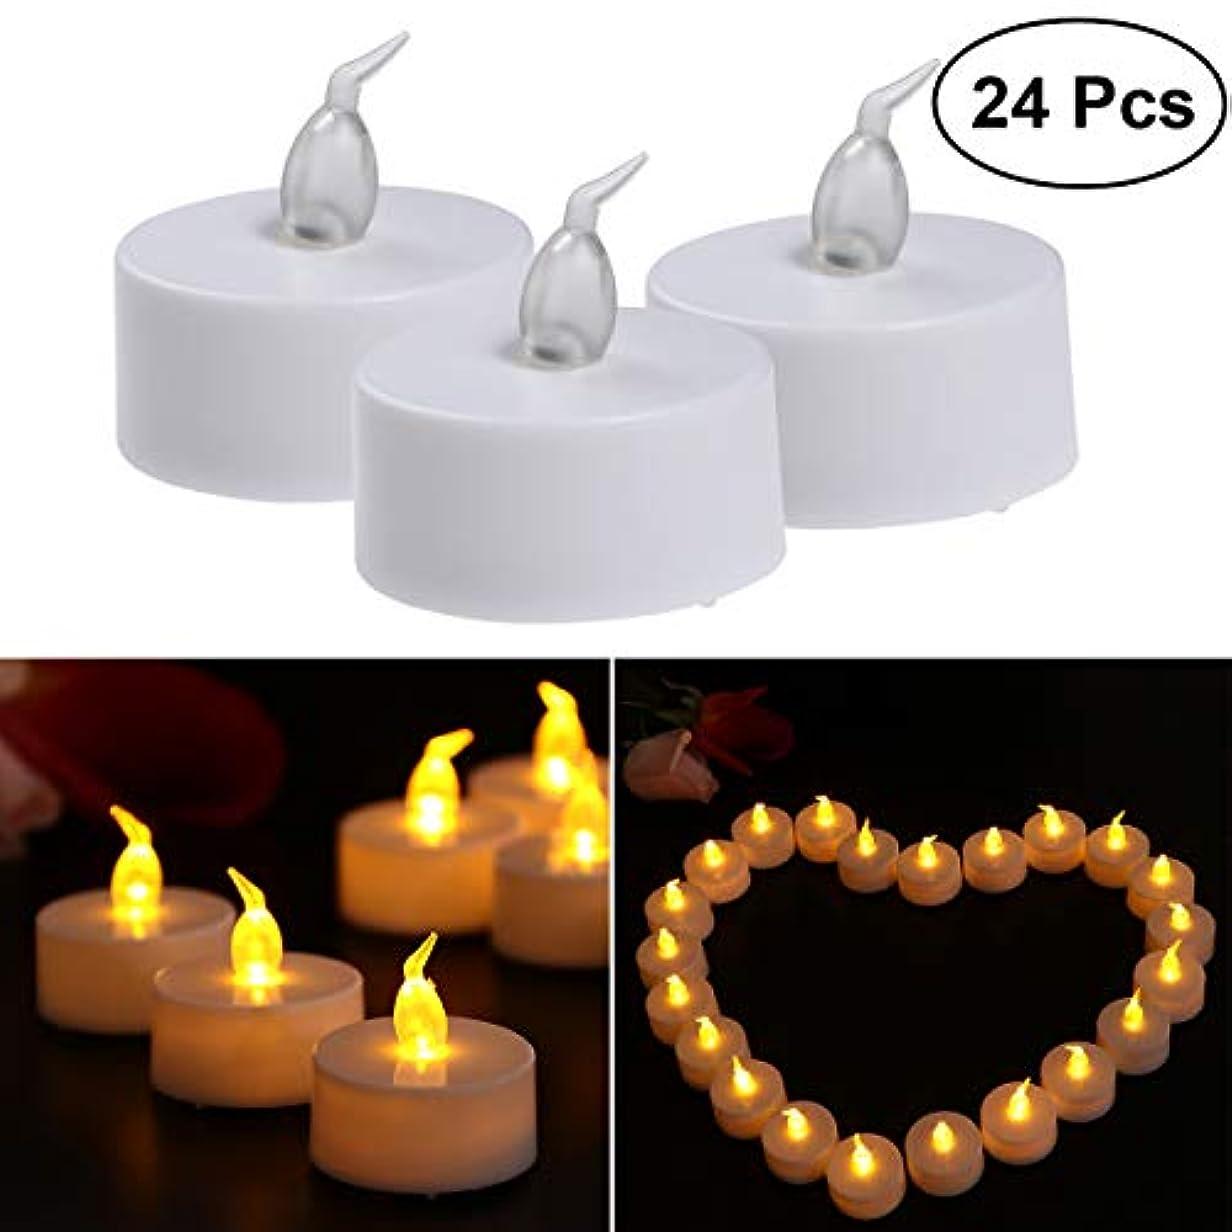 Vosarea キャンドル ライト LED キャンドルを点灯 電池で動作 プラスチック 誕生日 祭り 祝賀 3.8×4.2cm 24ピース(黄色のフラッシュライト)